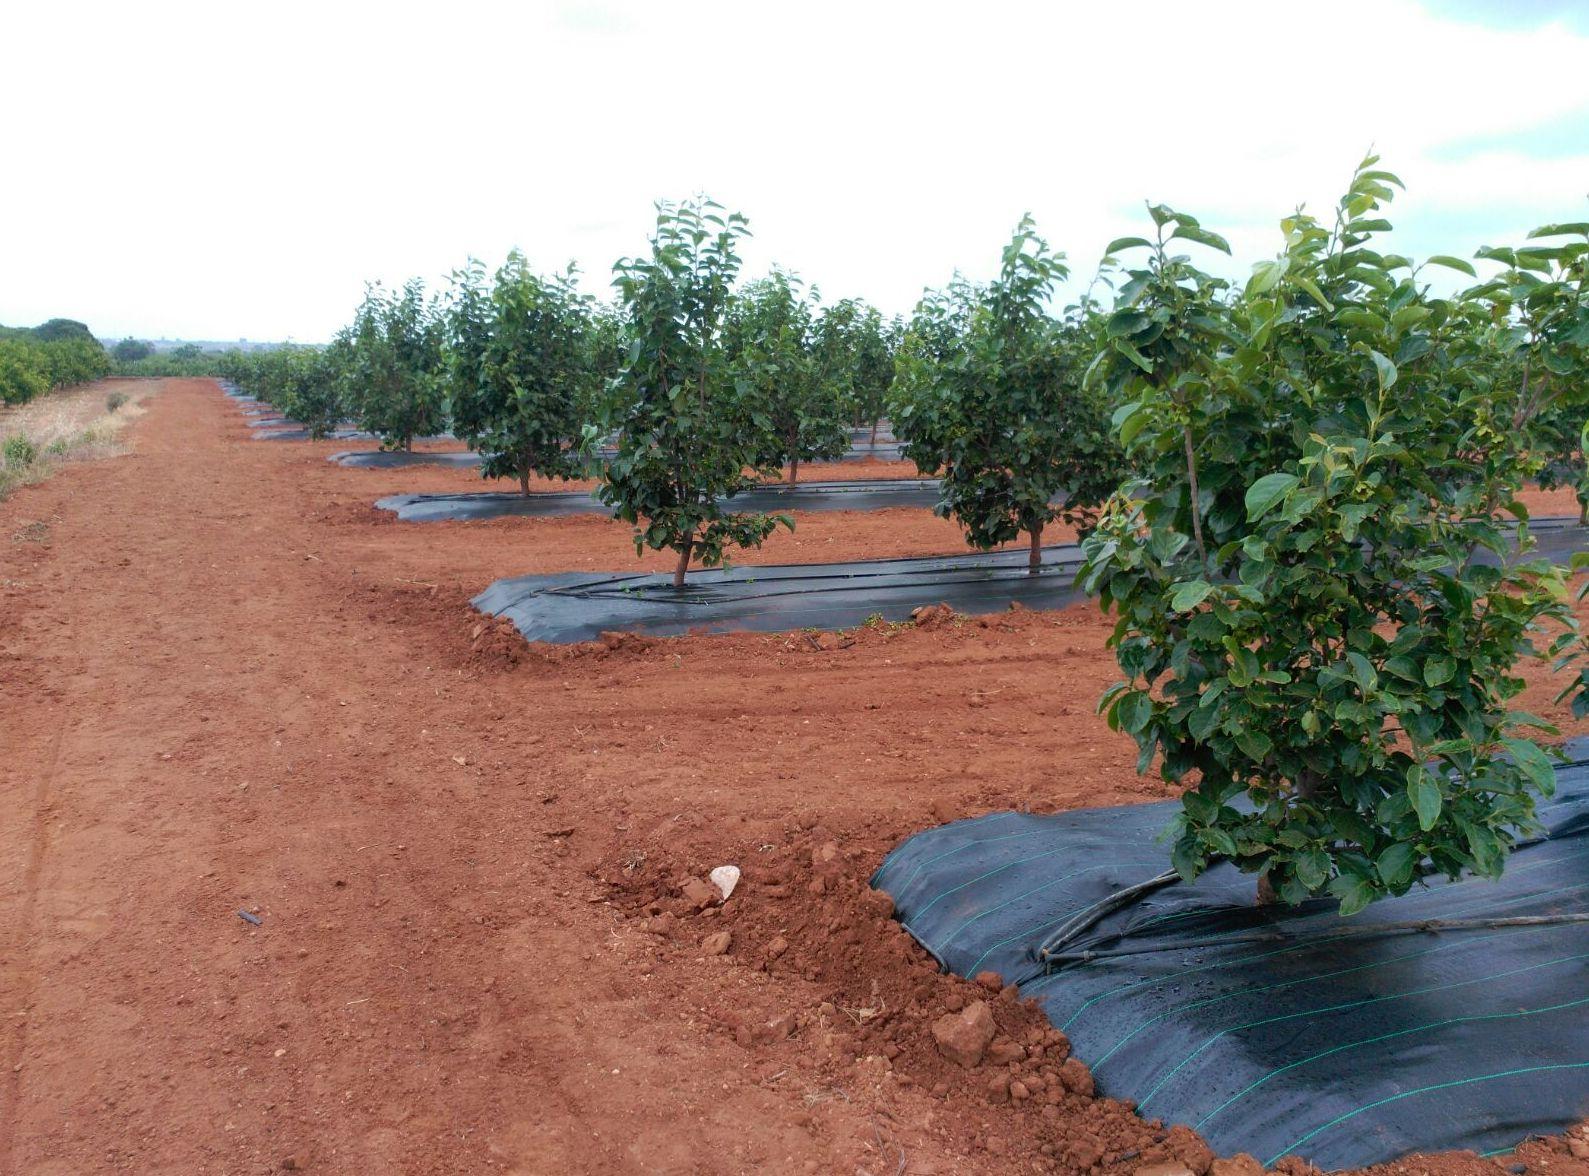 Colocación de malla antihierba en frutales. Mantiene la humedad en el terreno